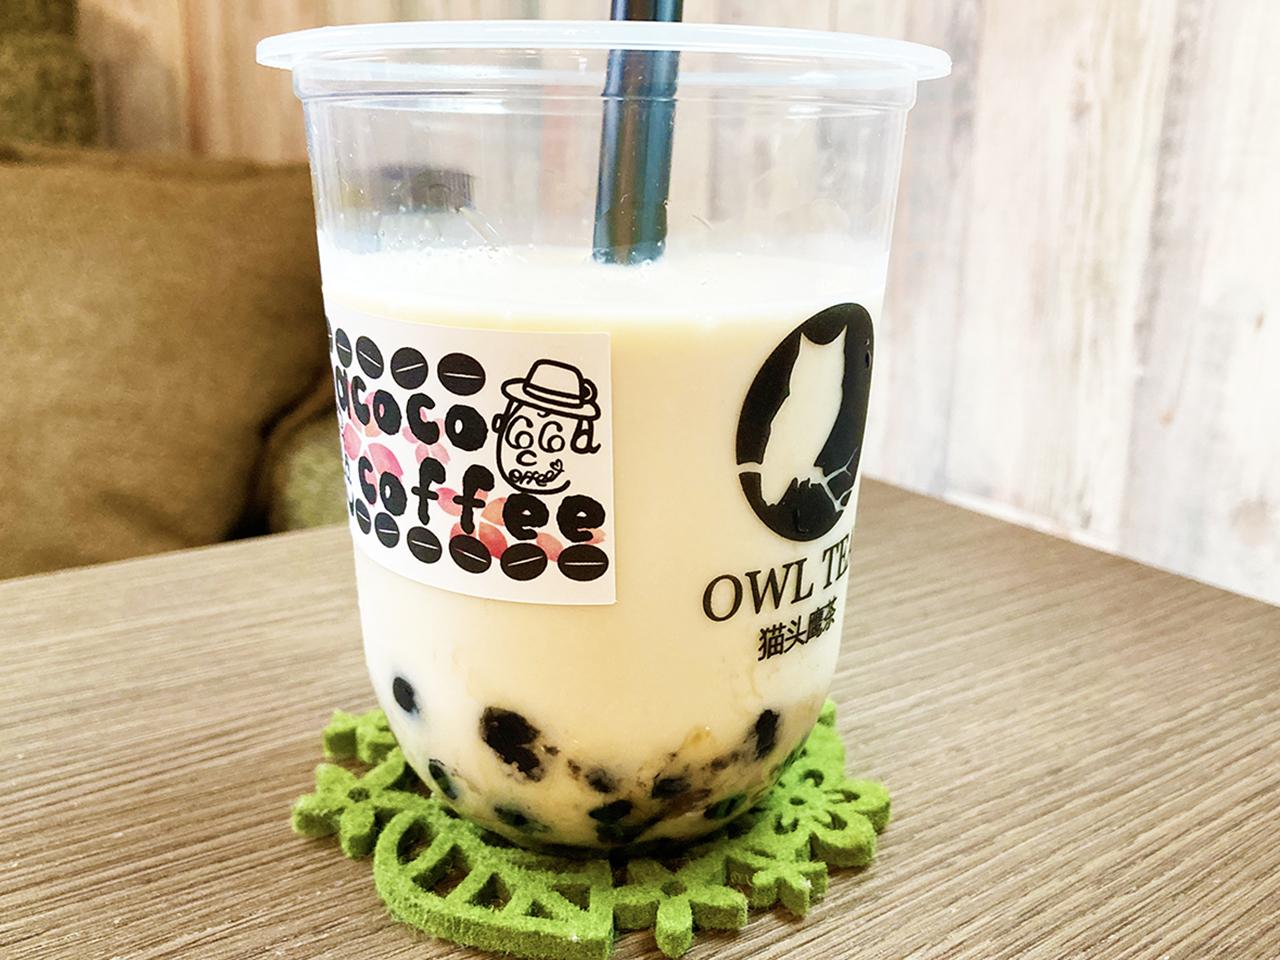 イマコココーヒーの夏の新メニューが面白い!自分で作るシロップかけ放題かき氷や、OWL TEAタピオカドリンクも!!